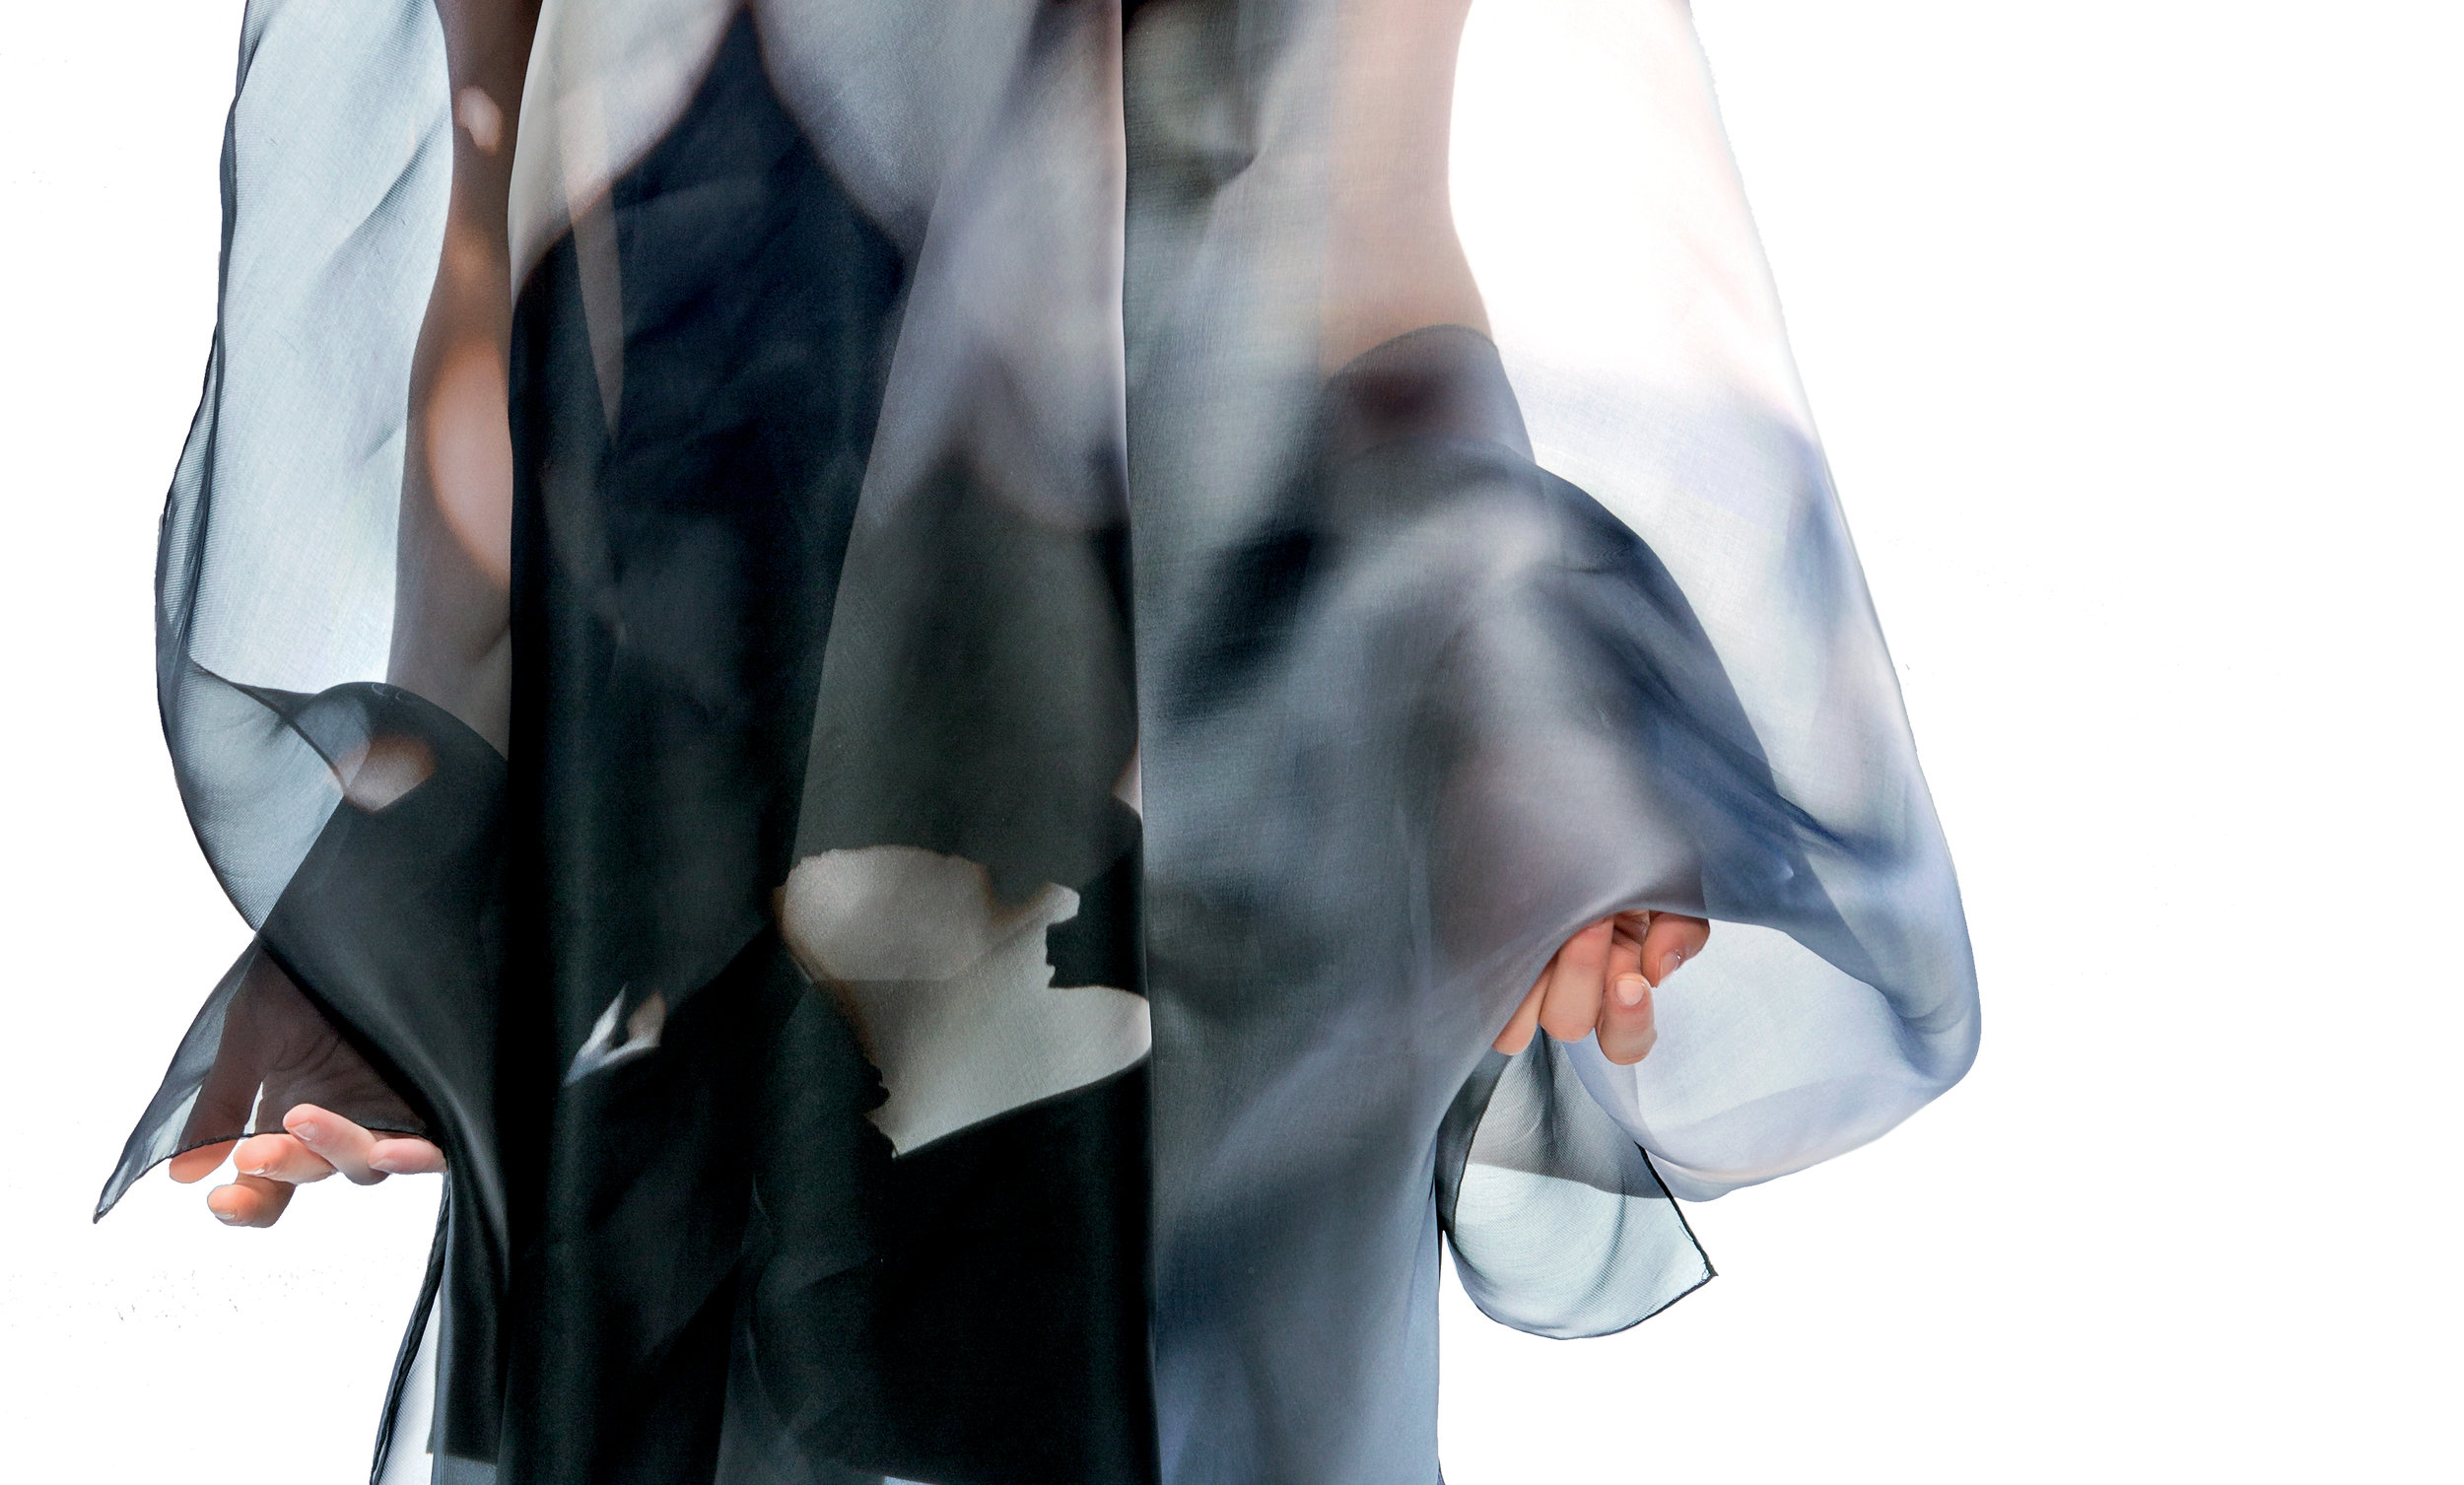 ORGANZA - La vaporosa regalità del tessuto d'organza dona a chi lo indossa una portanza maestosa.La sua scenografica cornice valorizza una grazia intima e carismatica, dal fascino fluttuante, rigorosamente sfuggente.